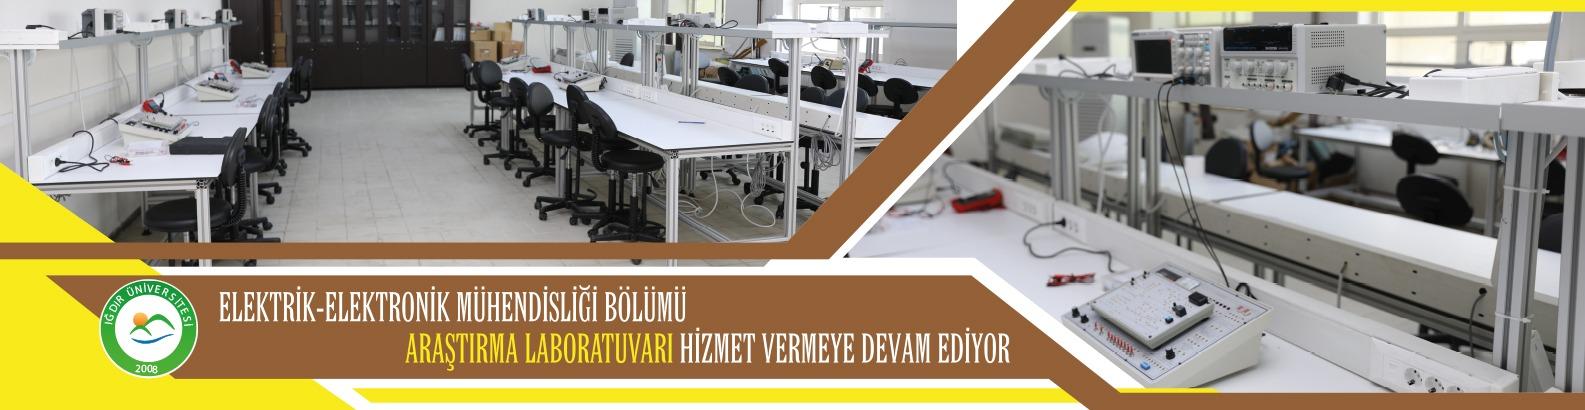 Elektrik-Elektronik Mühendisliği Banner